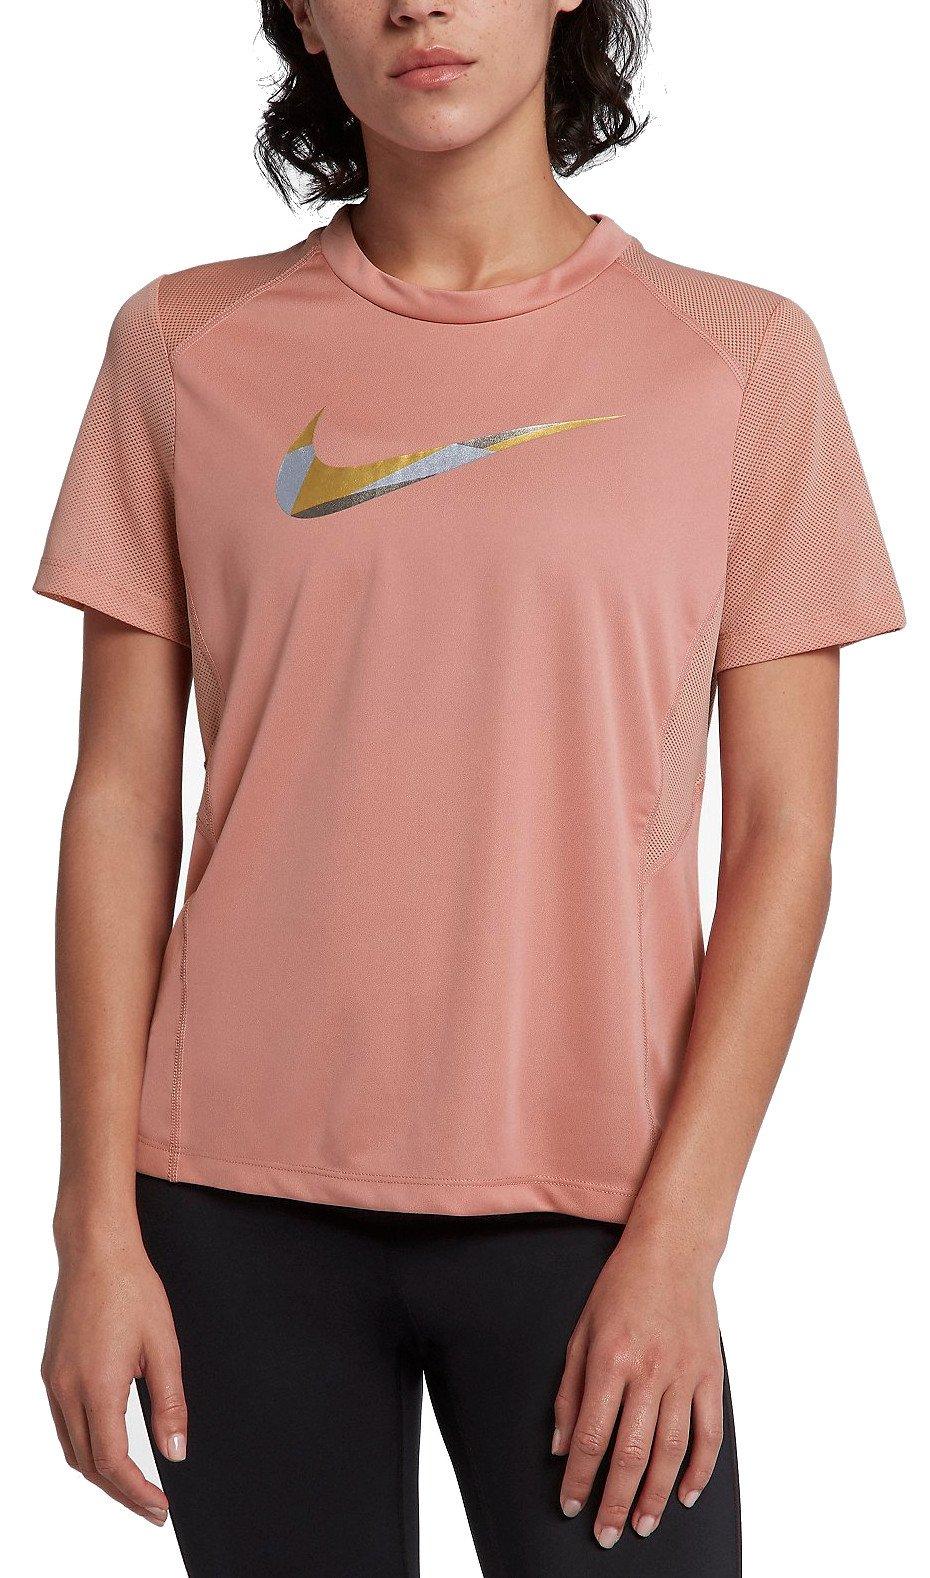 Dámské běžecké tričko s krátkým rukávem Nike Dry Miler Metalic